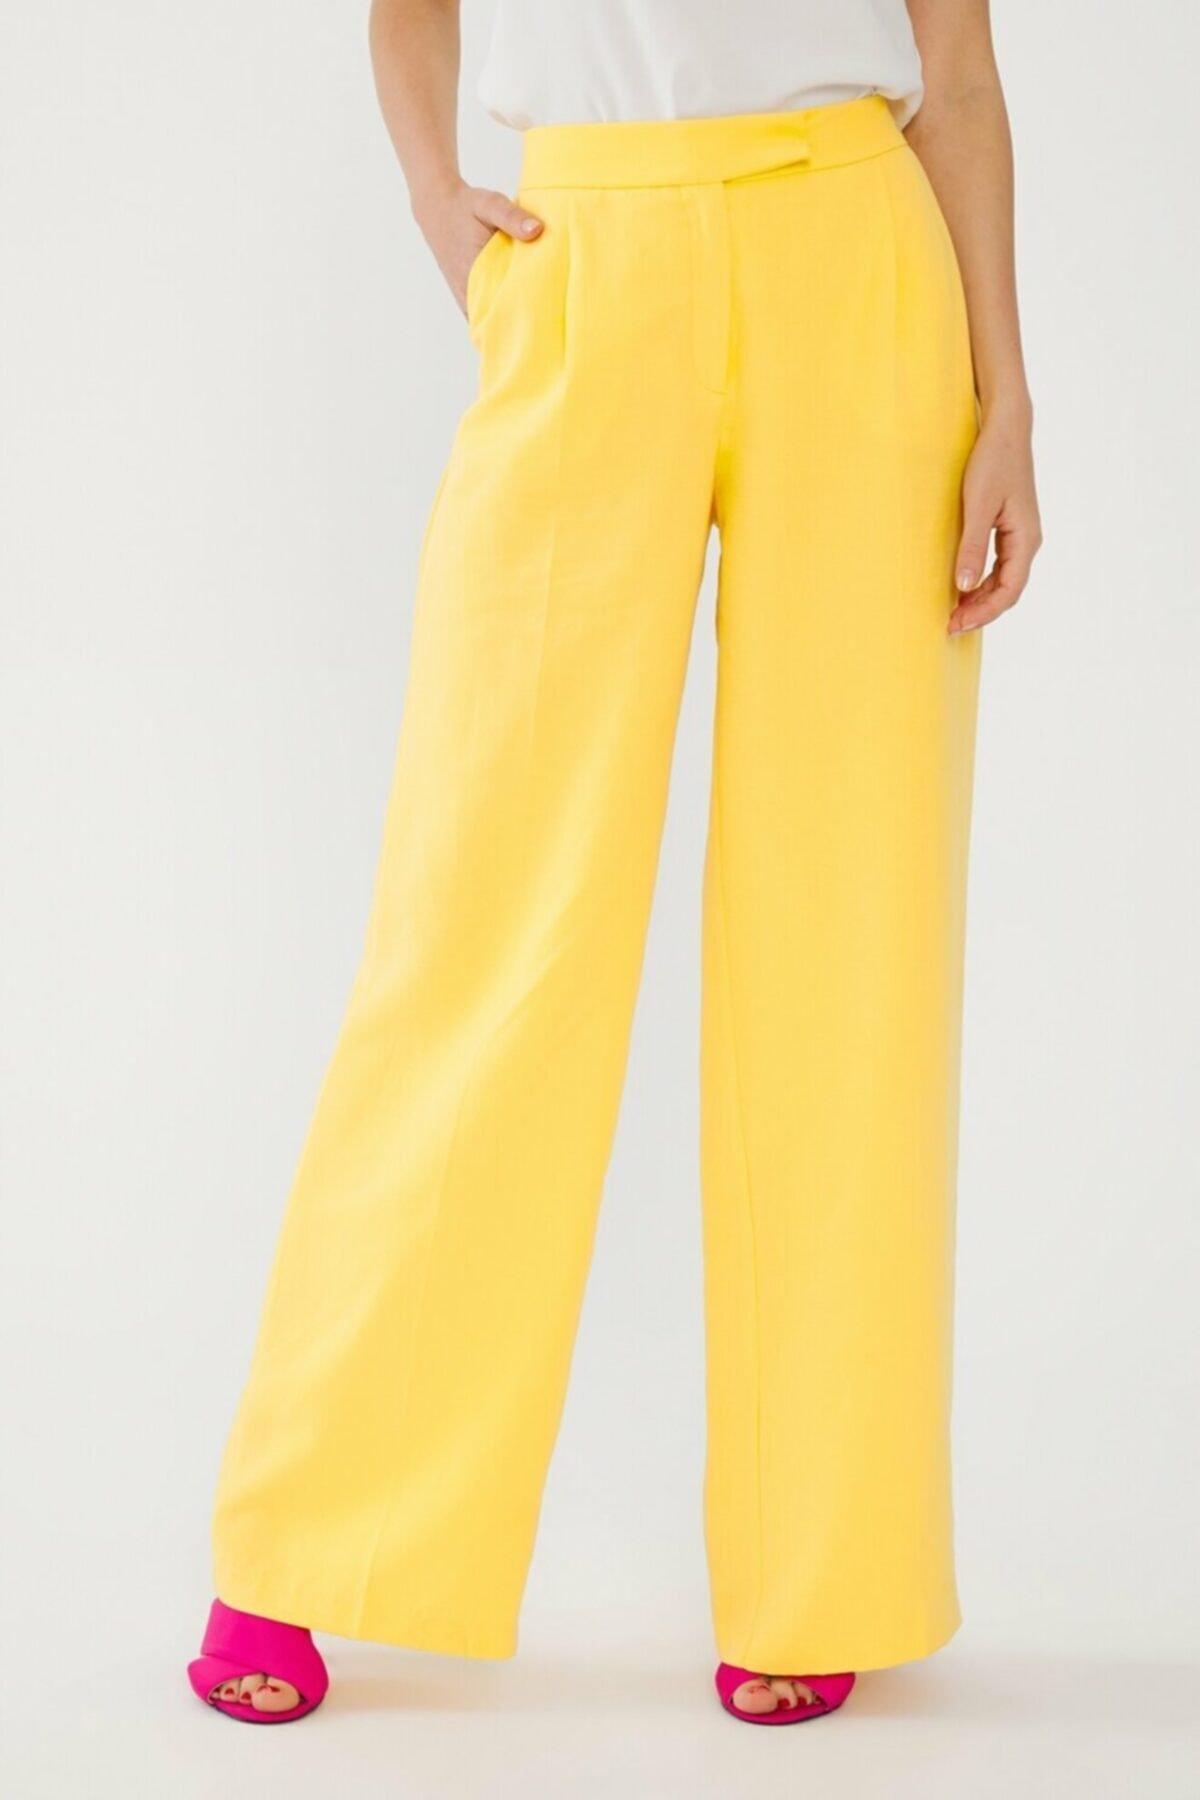 adL Kadın Sarı Beli Lastikli Pantolon 15338560000004 2